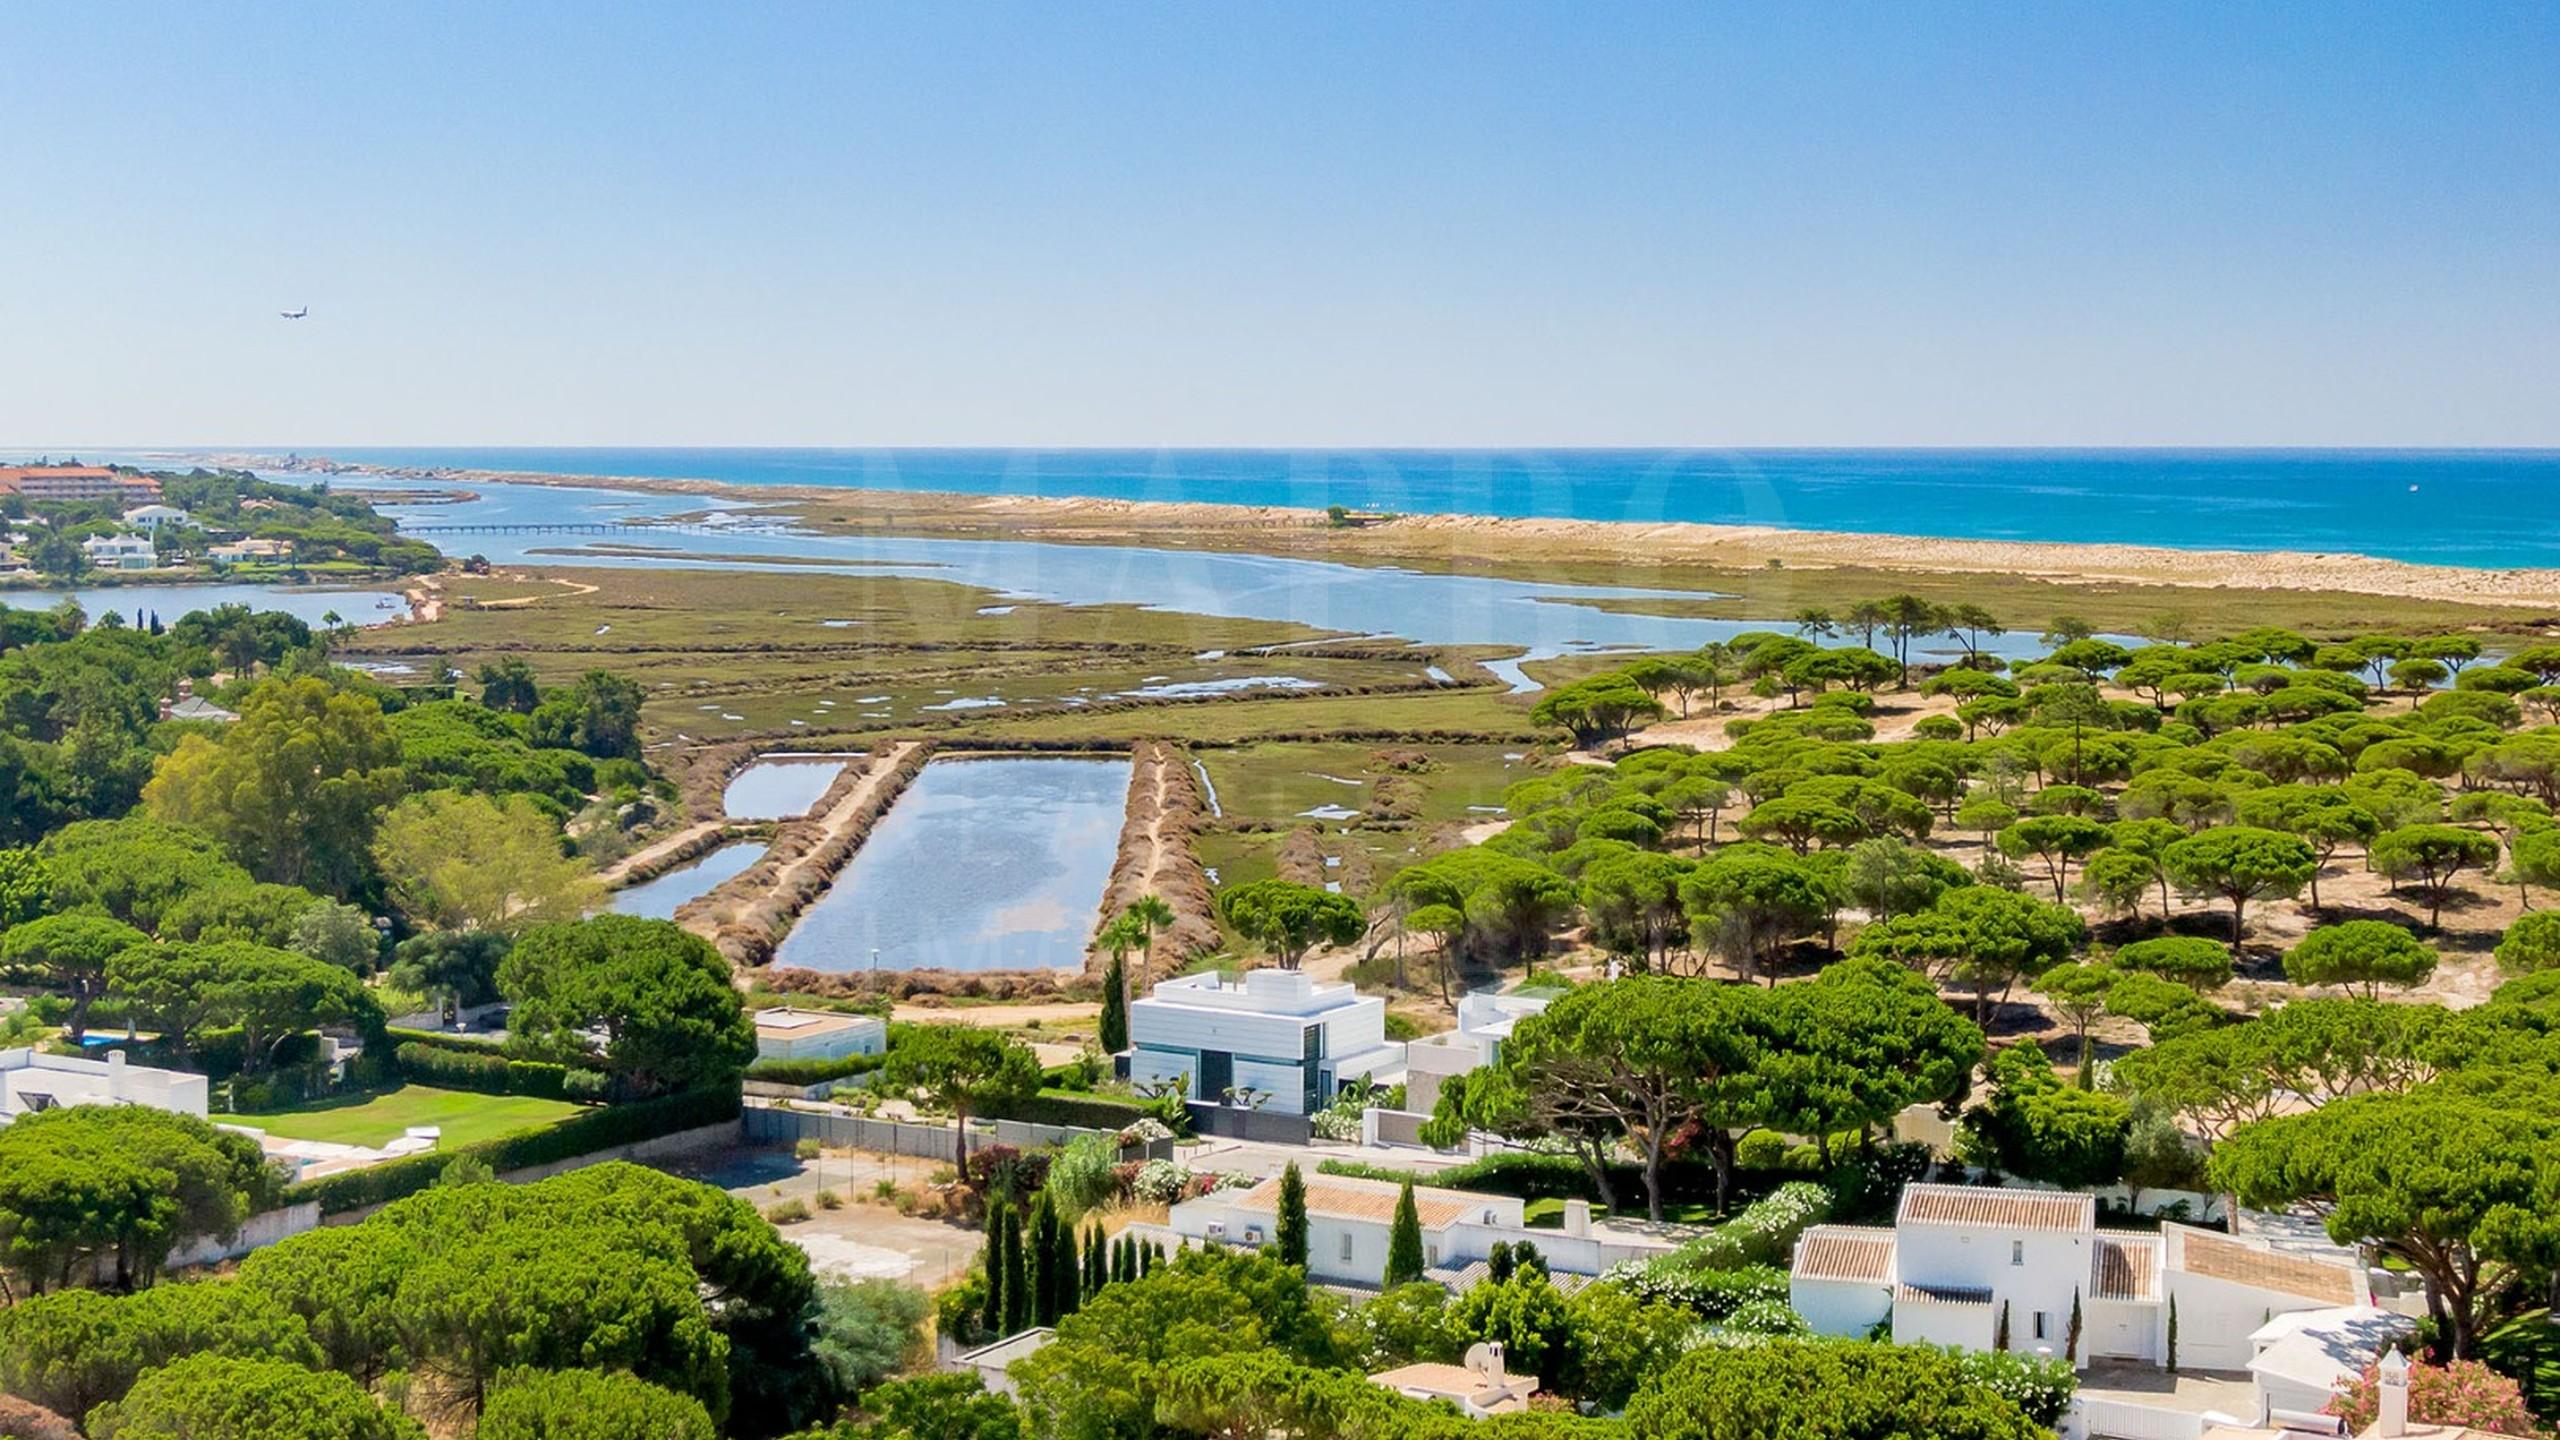 Villa near the beach for sale in Algarve